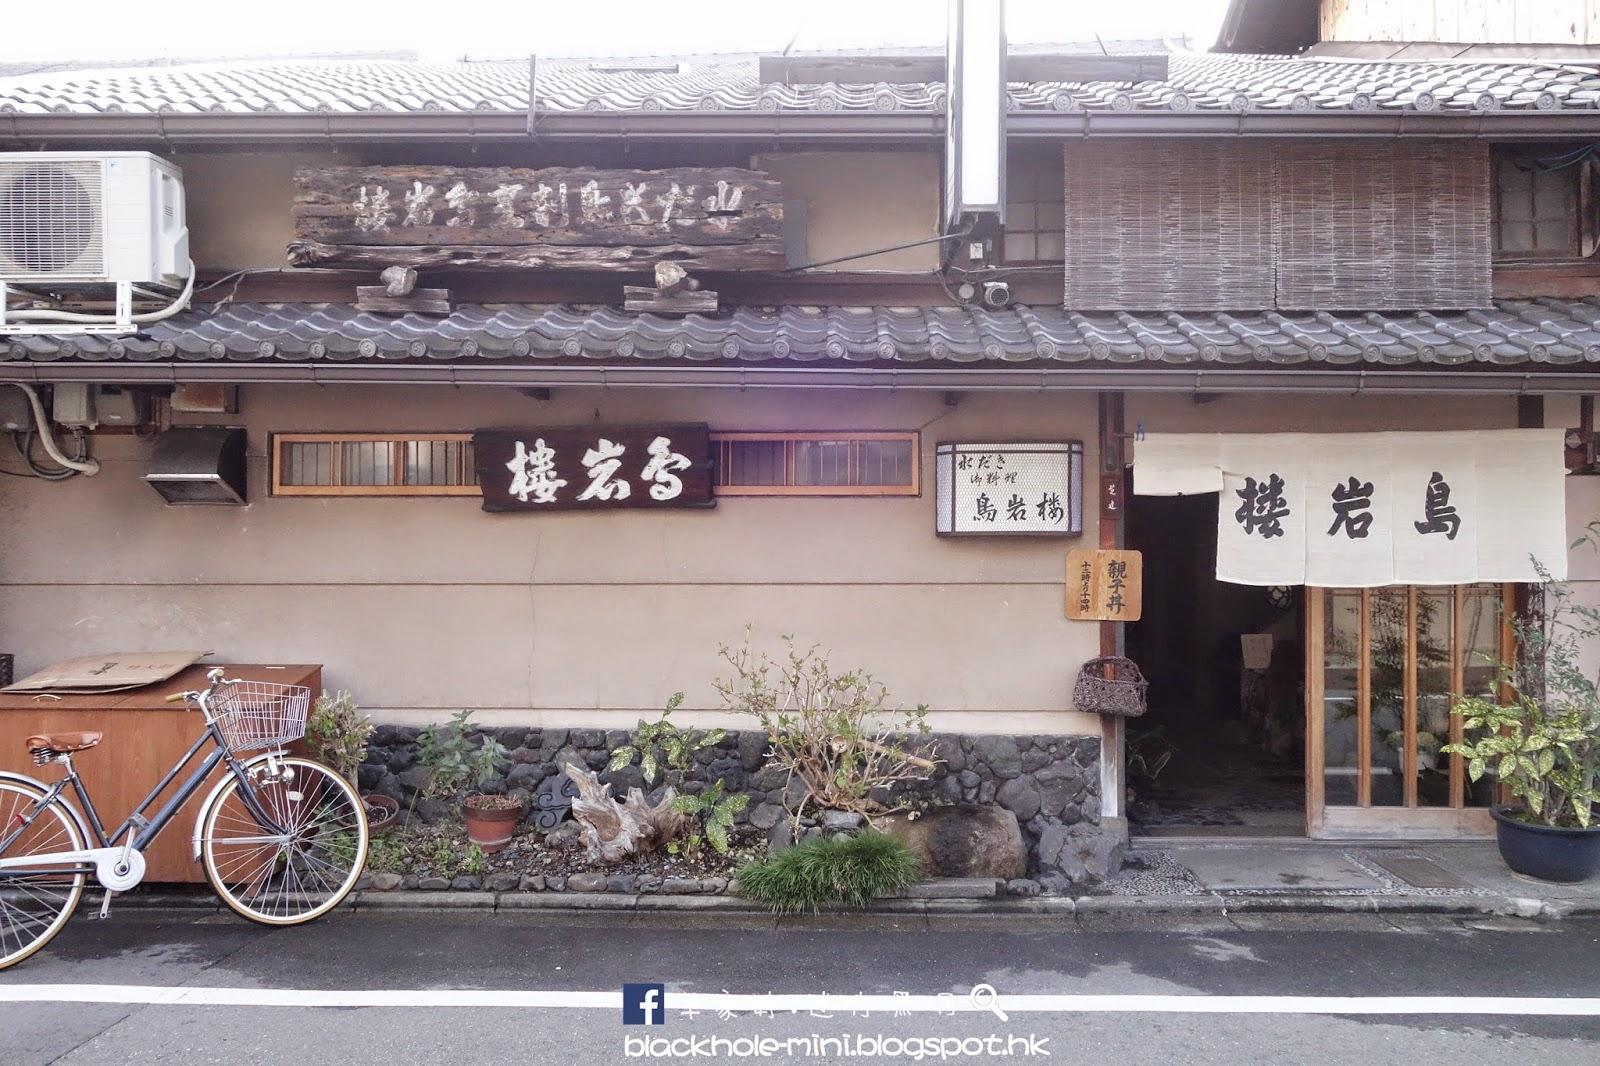 [日本.京都] 只在午餐供應的親子丼:西陣 鳥岩楼